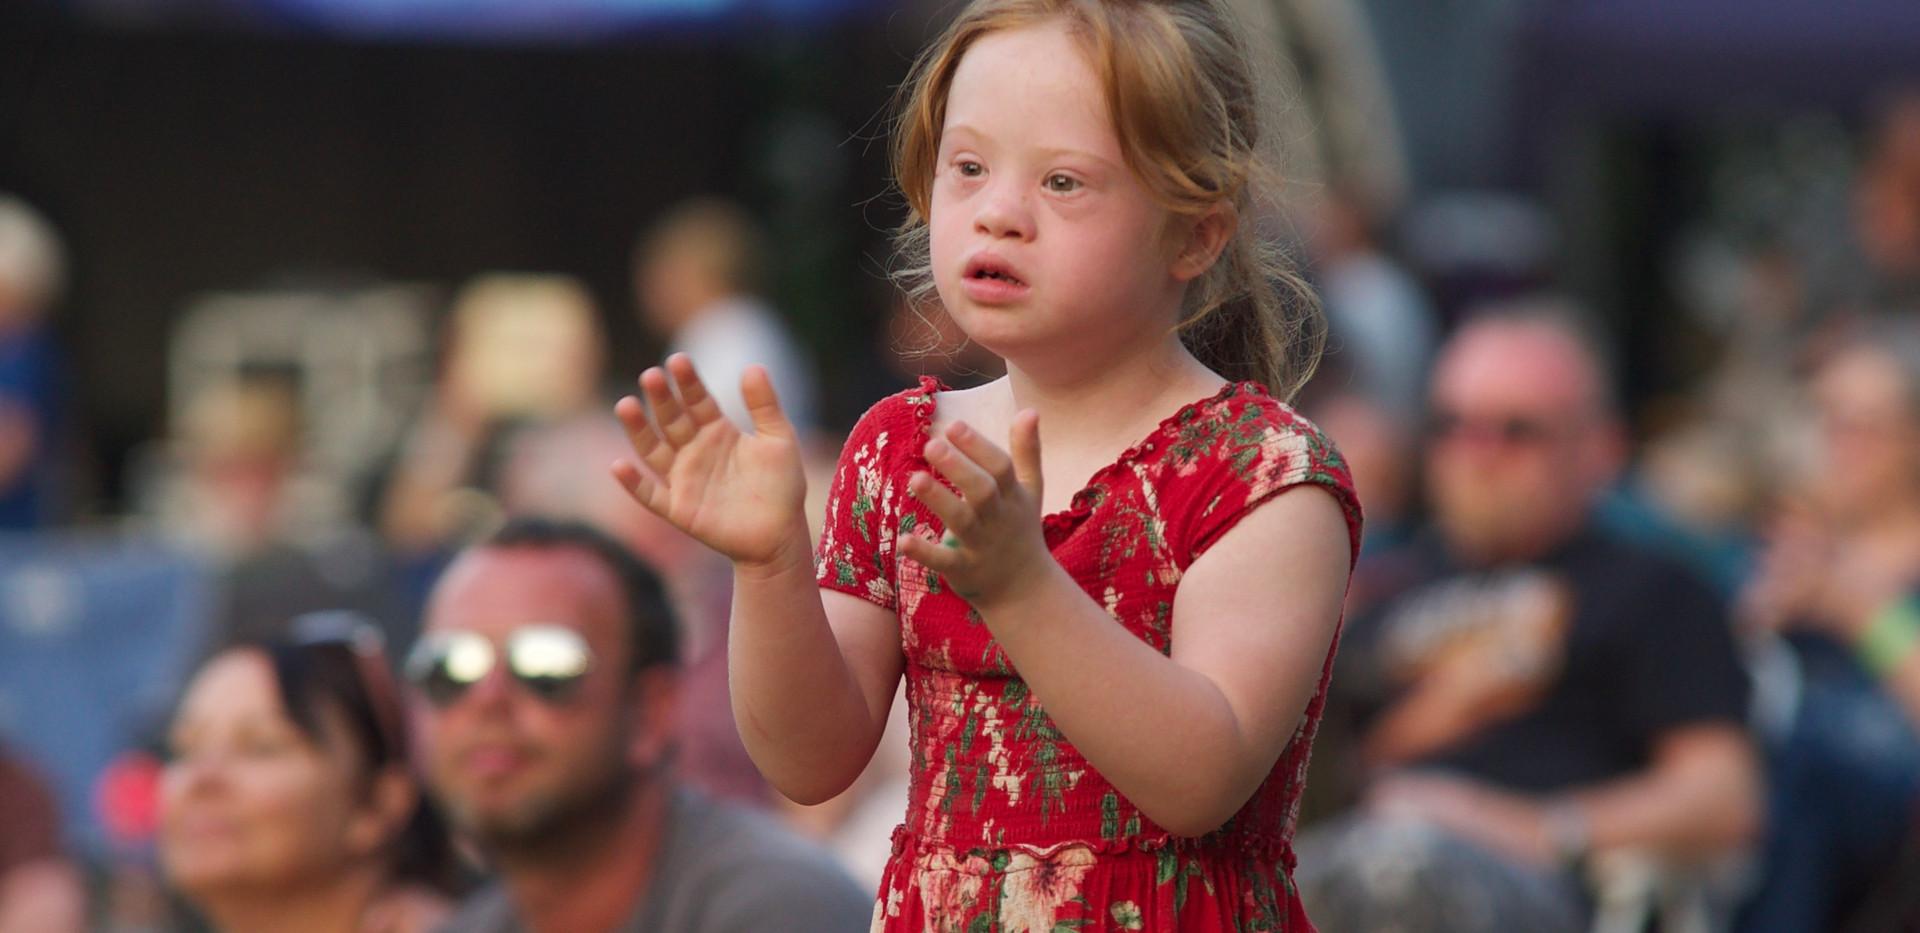 child claps.jpg